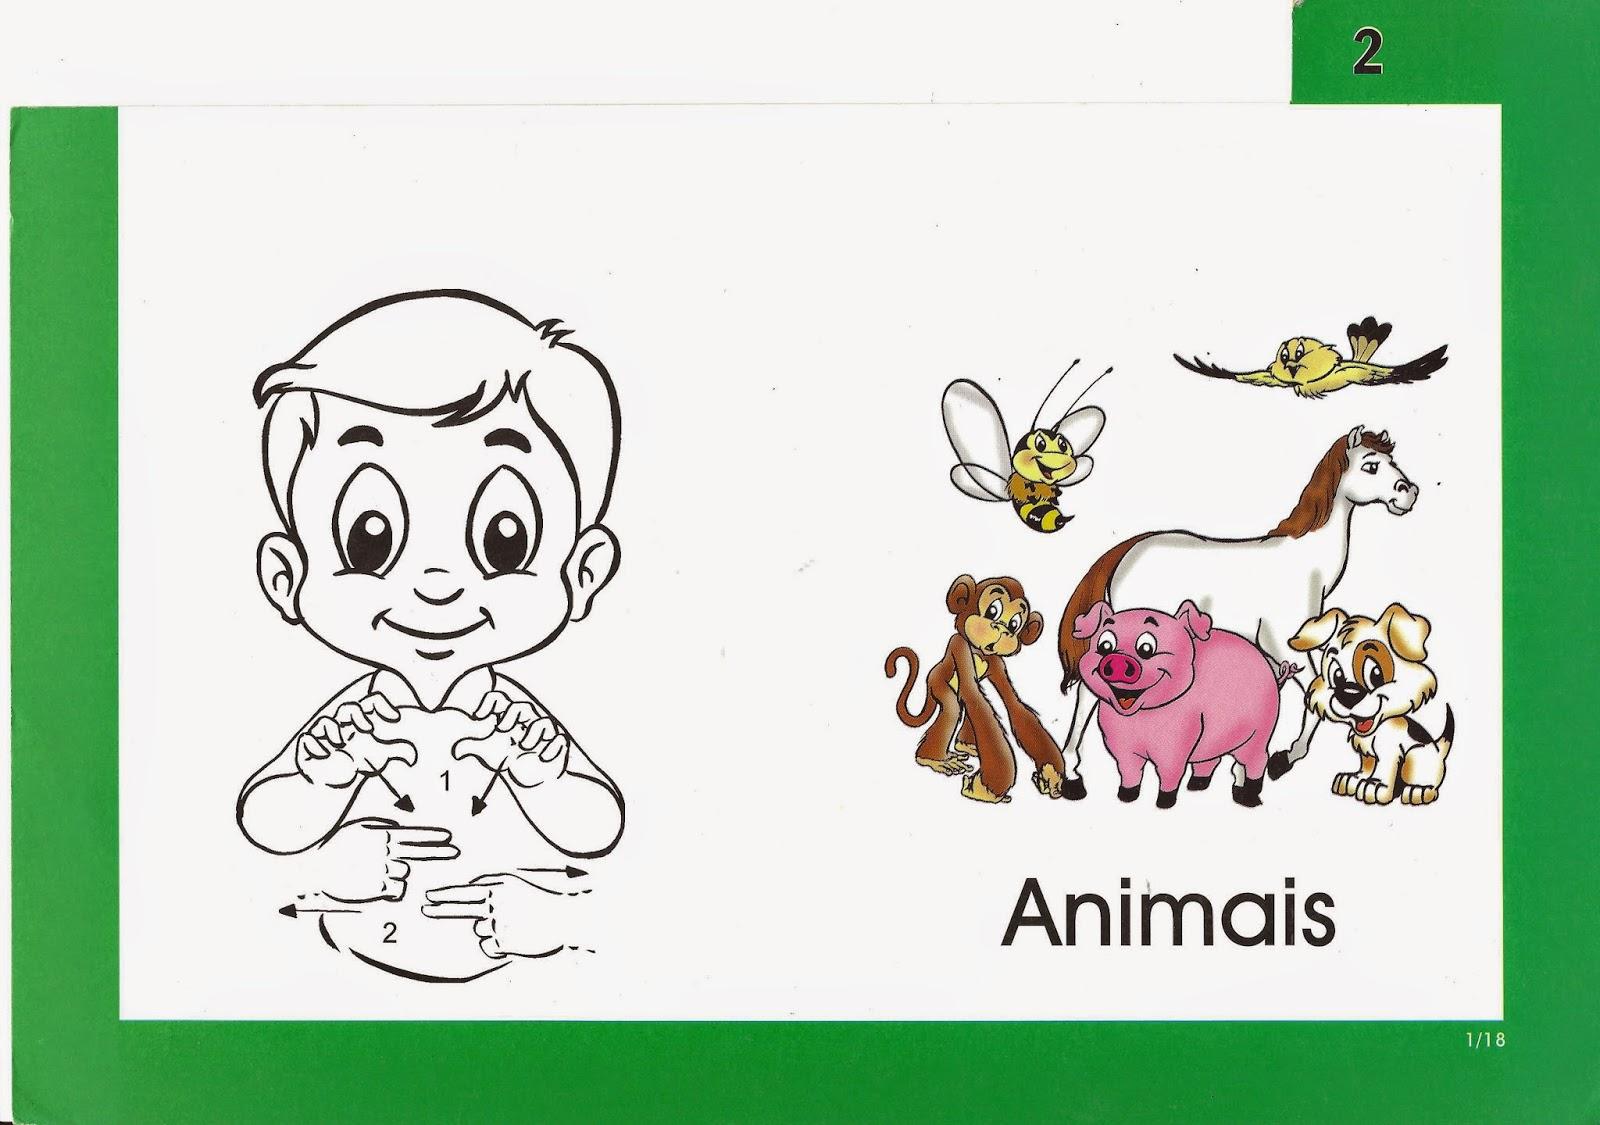 Libras Ensine Suas Mãos A Falar: Animais em Libras #219238 1600 1125